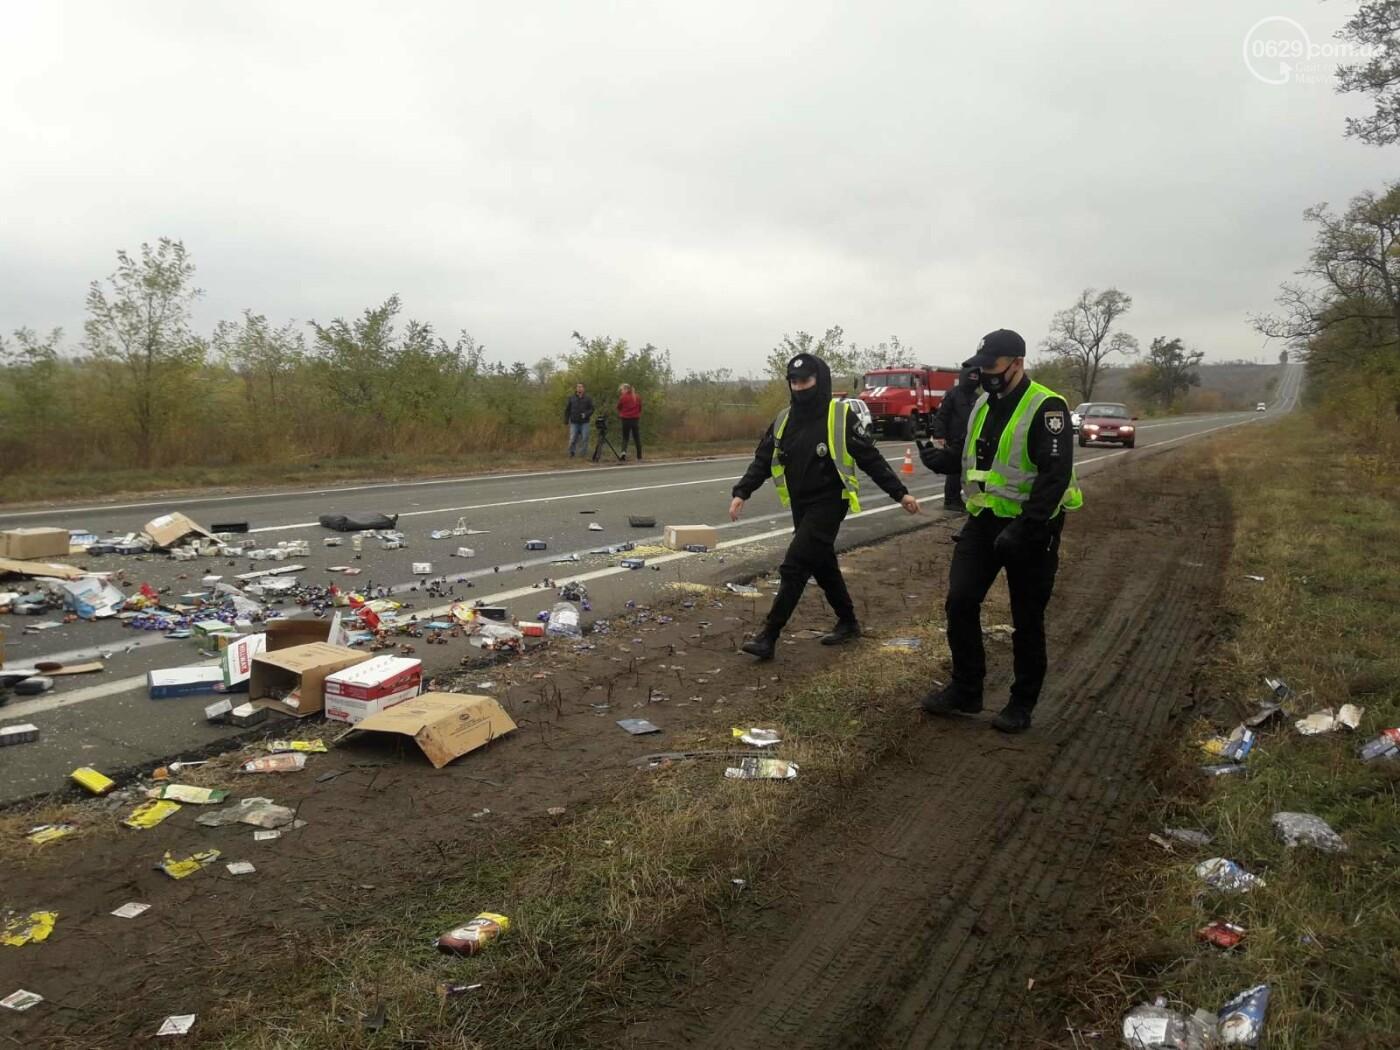 Автомобили вдребезги. В аварии на трассе под Мариуполем погибли два водителя, - ФОТО 18+, фото-14